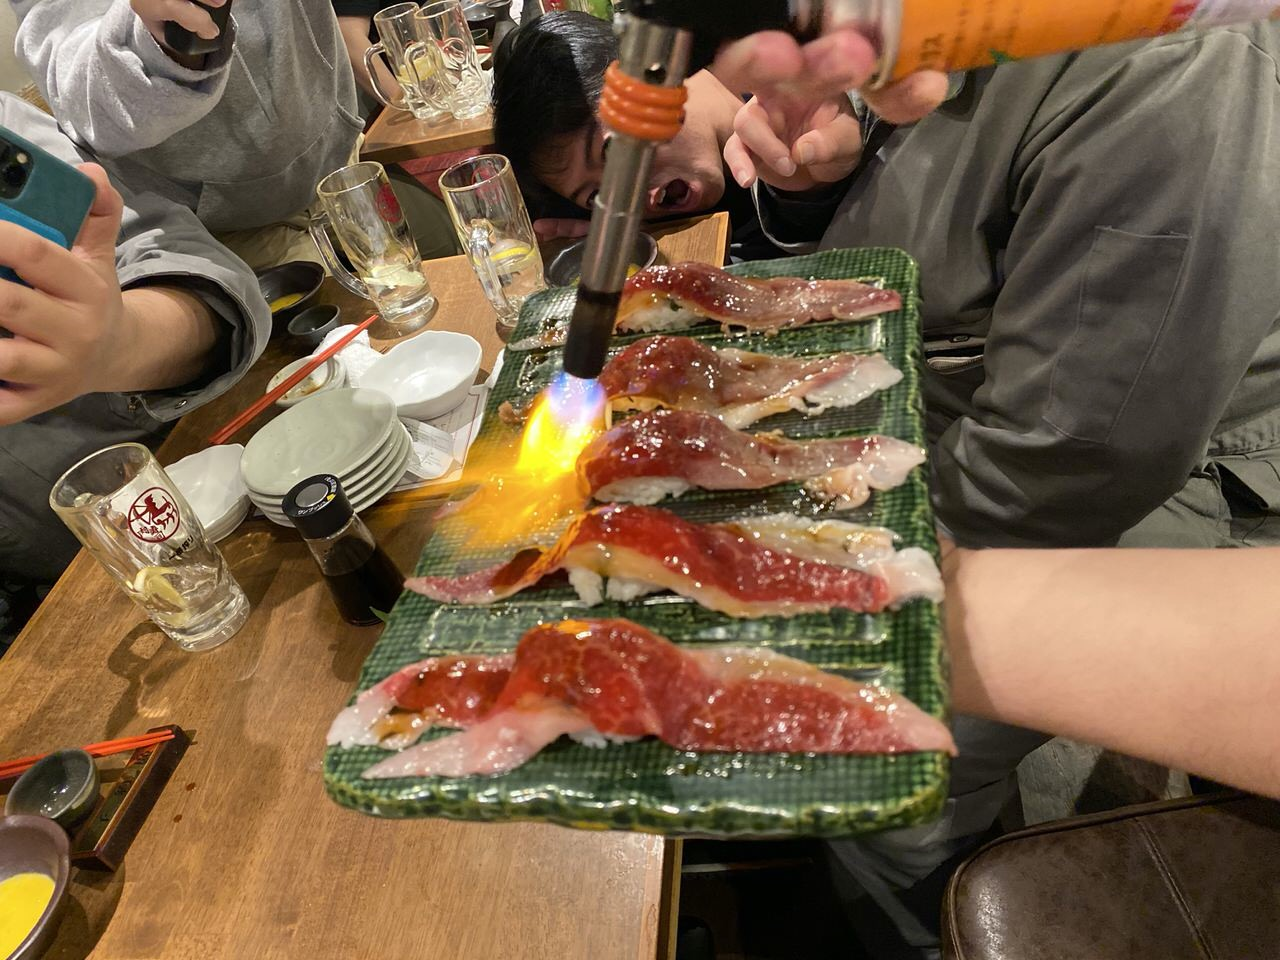 「秋葉原 肉寿司」24